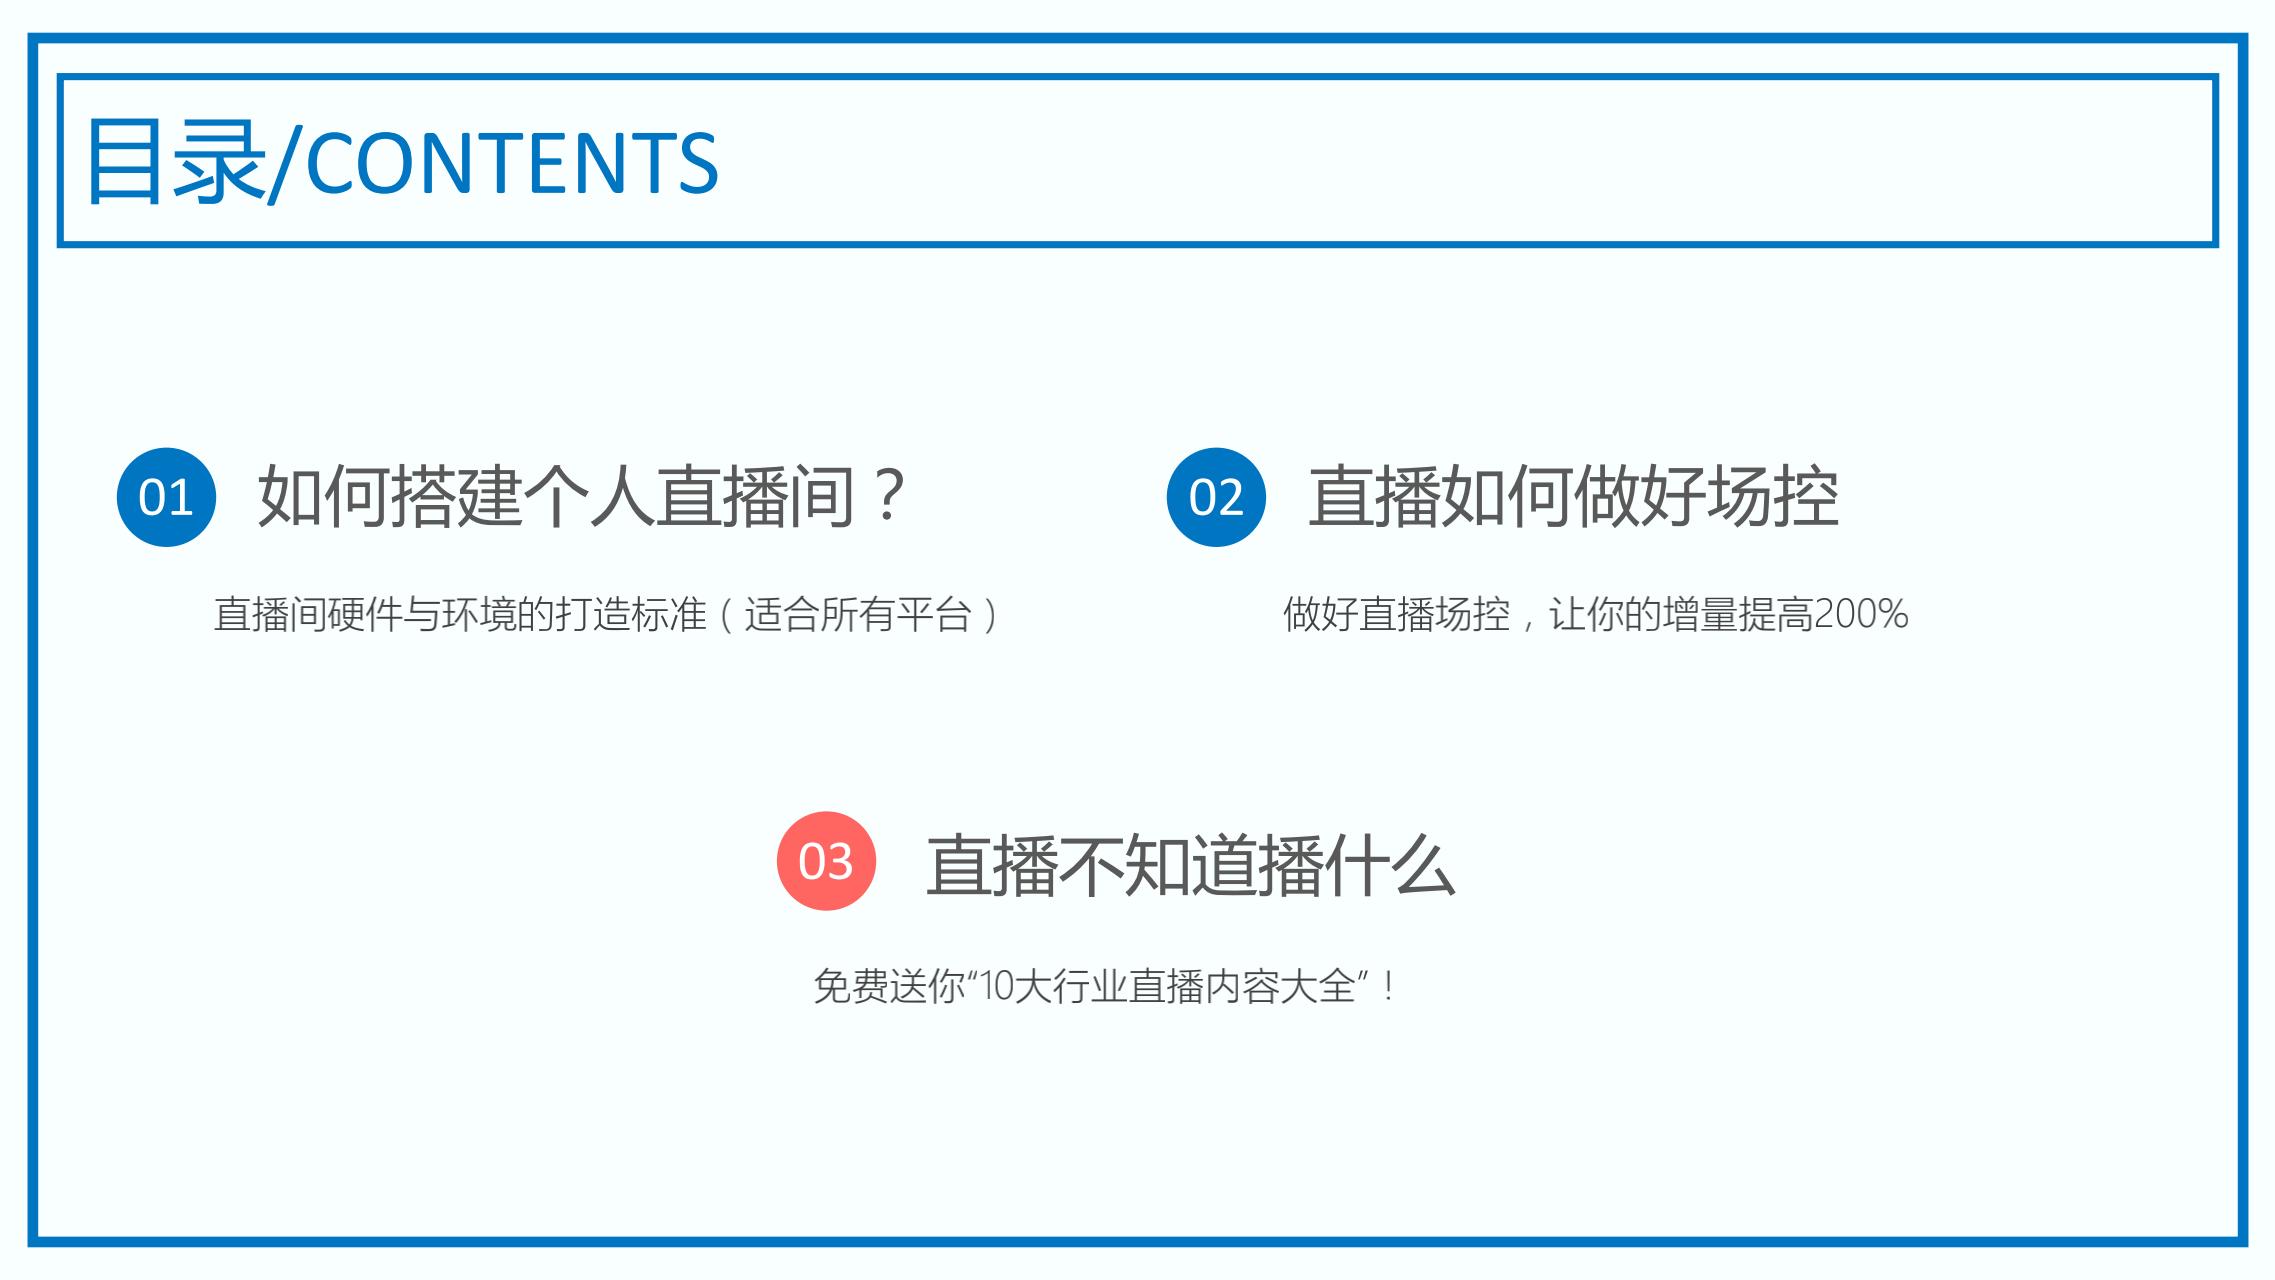 如何打造日销百万直播间_01.png